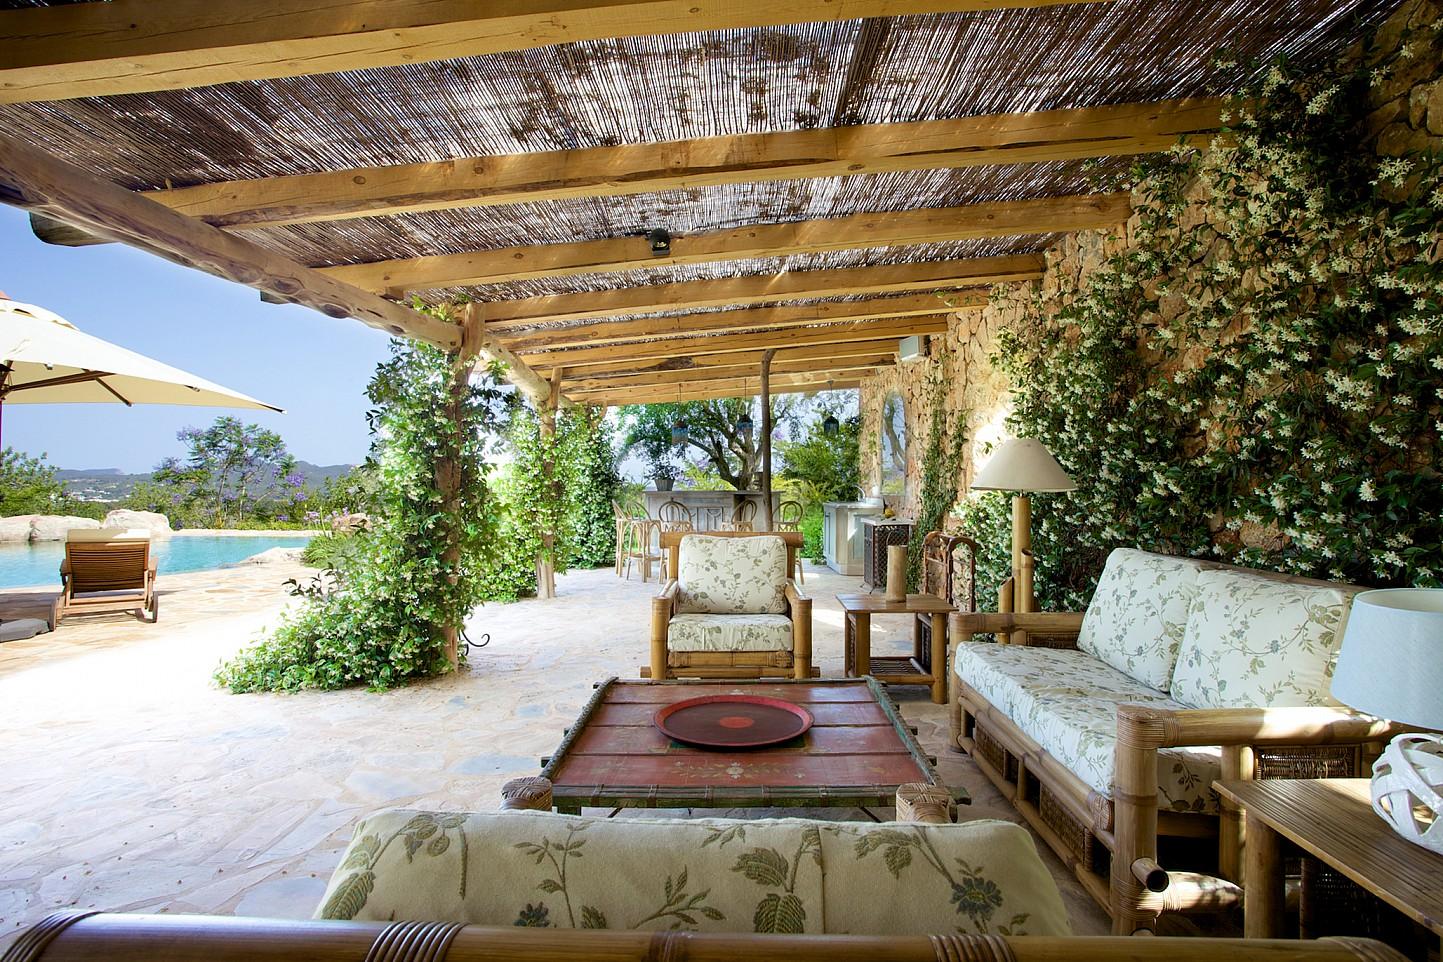 Zona de relax exterior coberta pel porxo